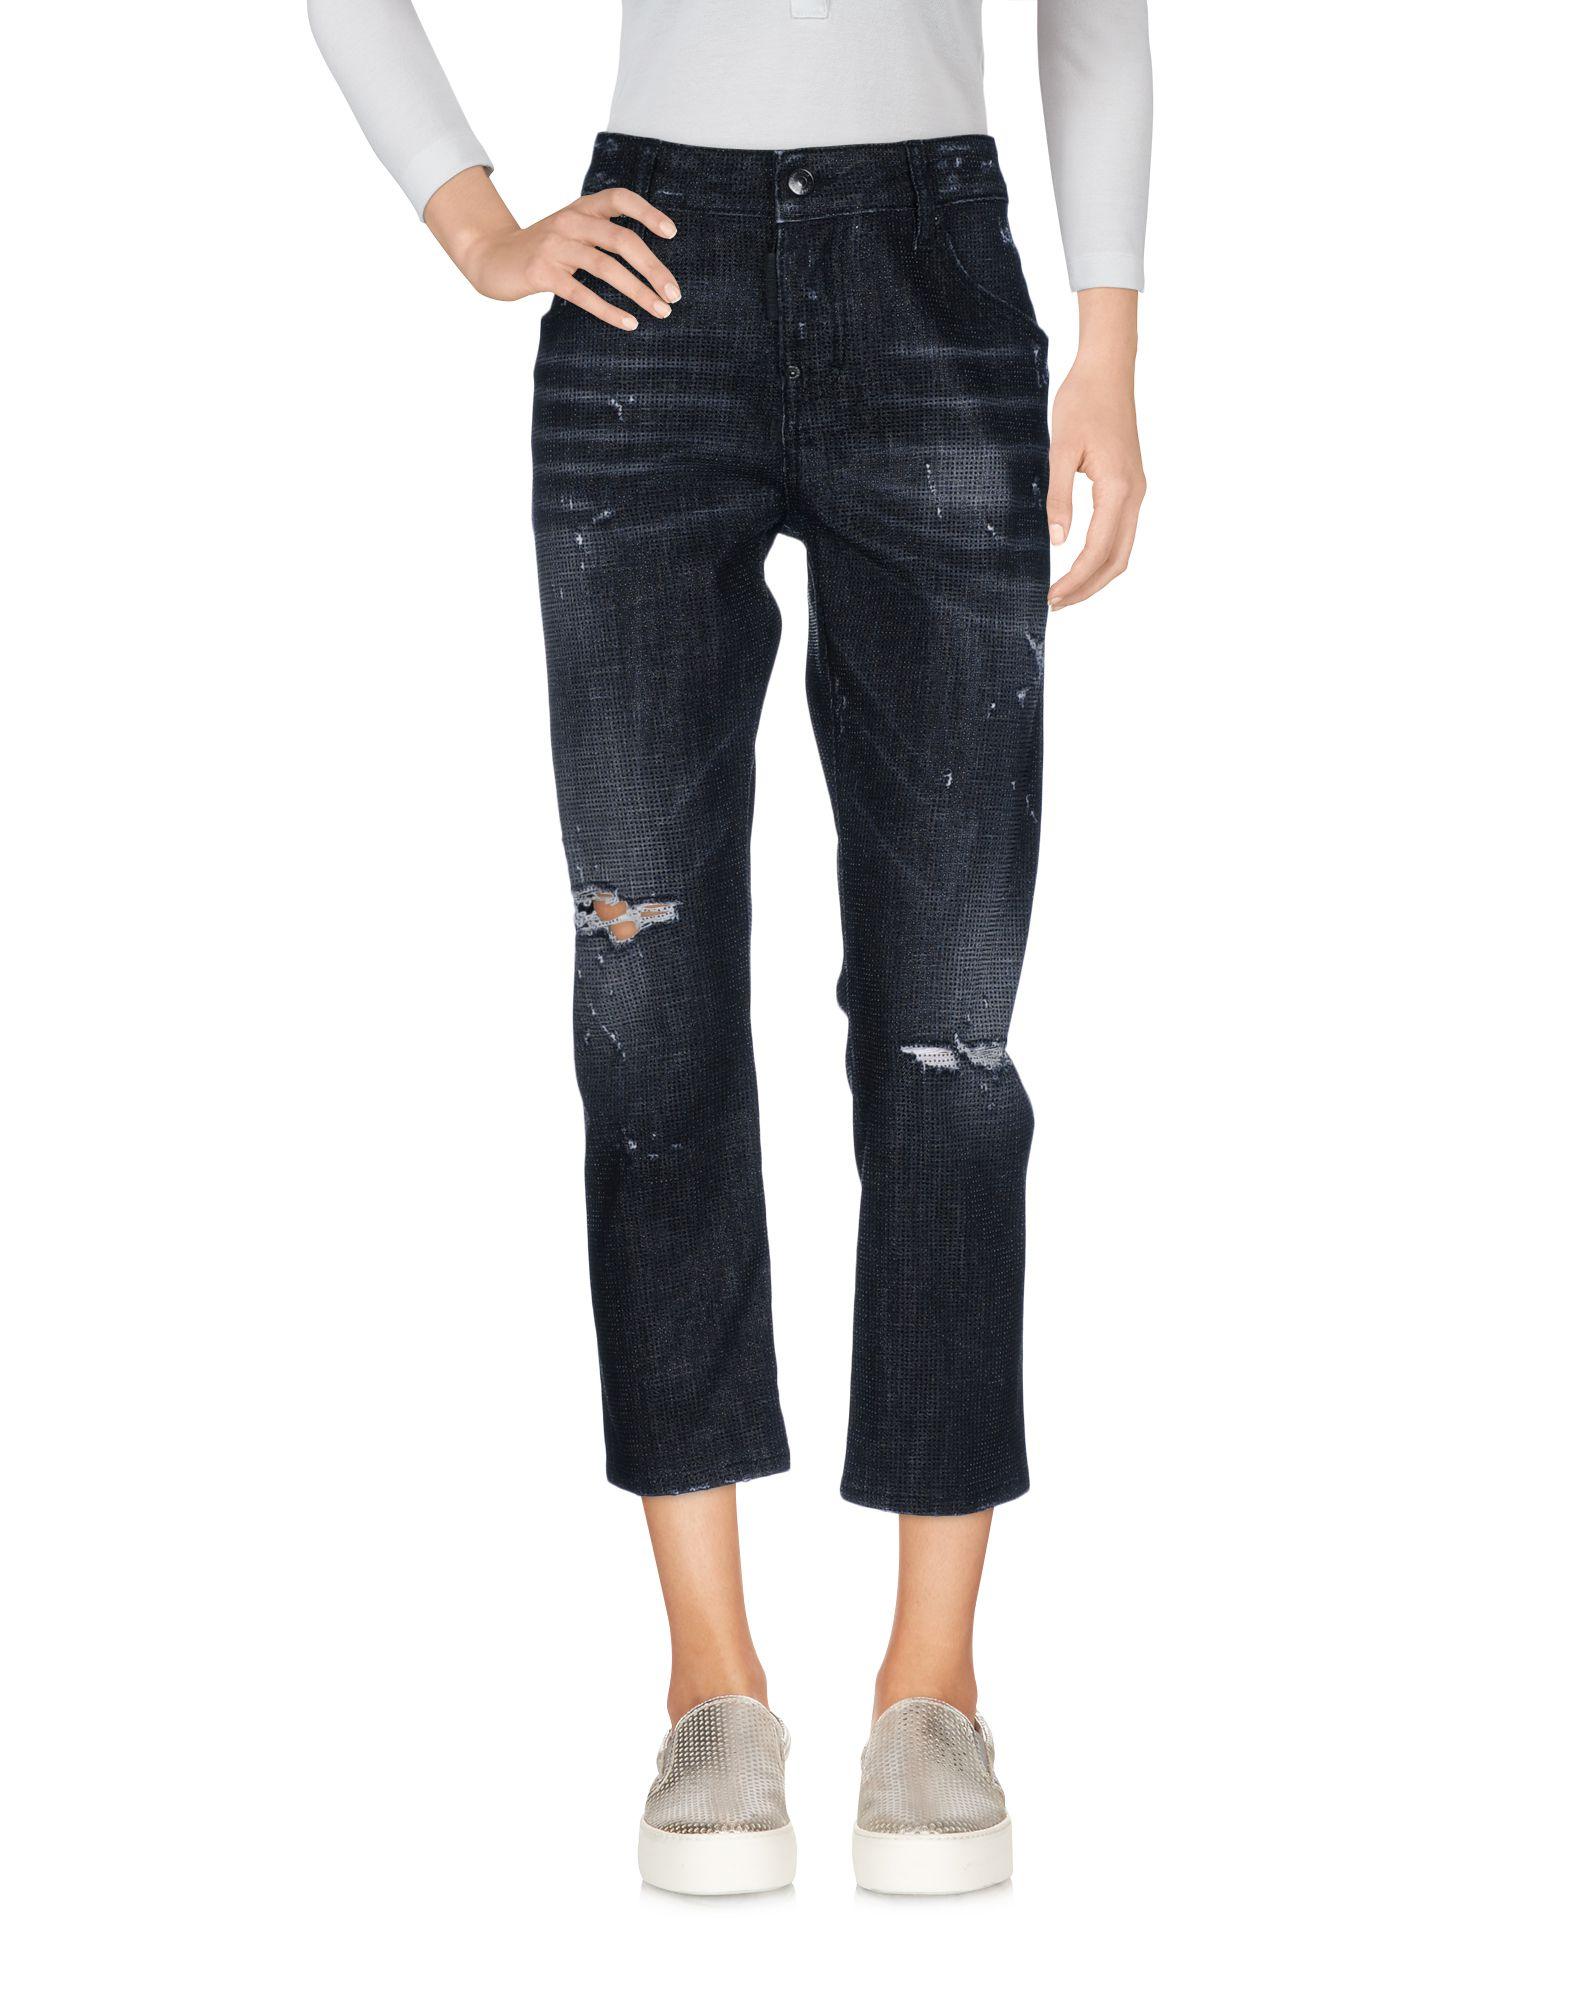 Pantaloni Jeans Dsquared2 Donna - Acquista online su yCto74mF